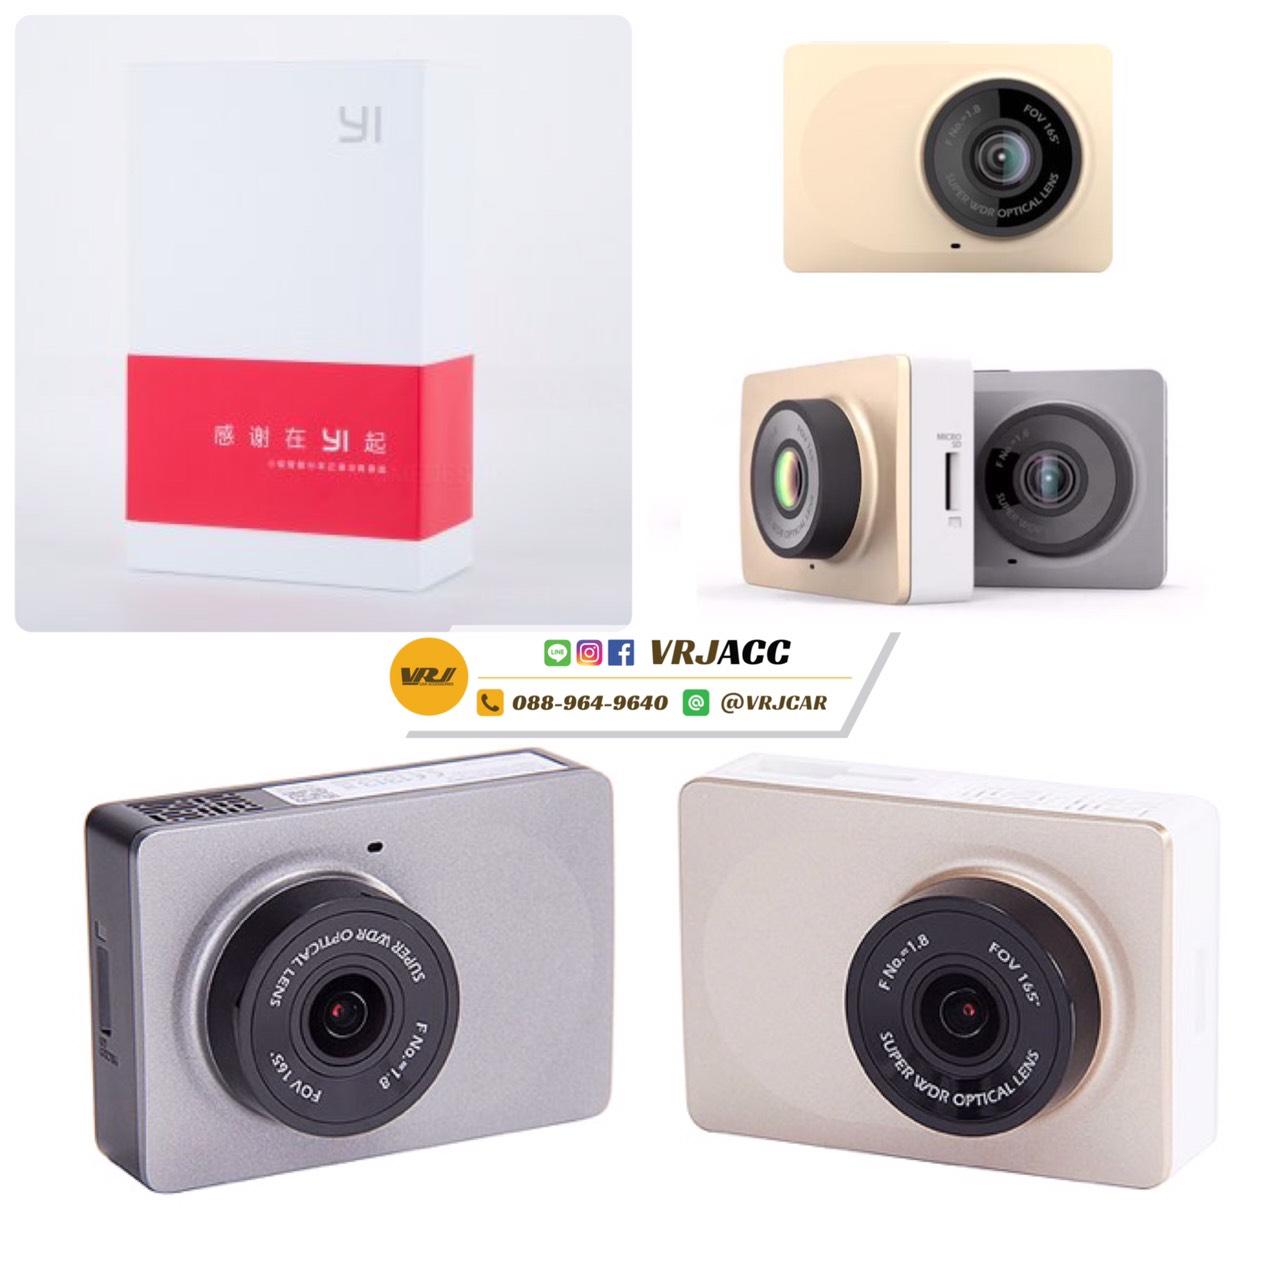 กล้องติดรถยนต์ Xiaomi Yi Dash Cam Car DVR 1080P Wifi